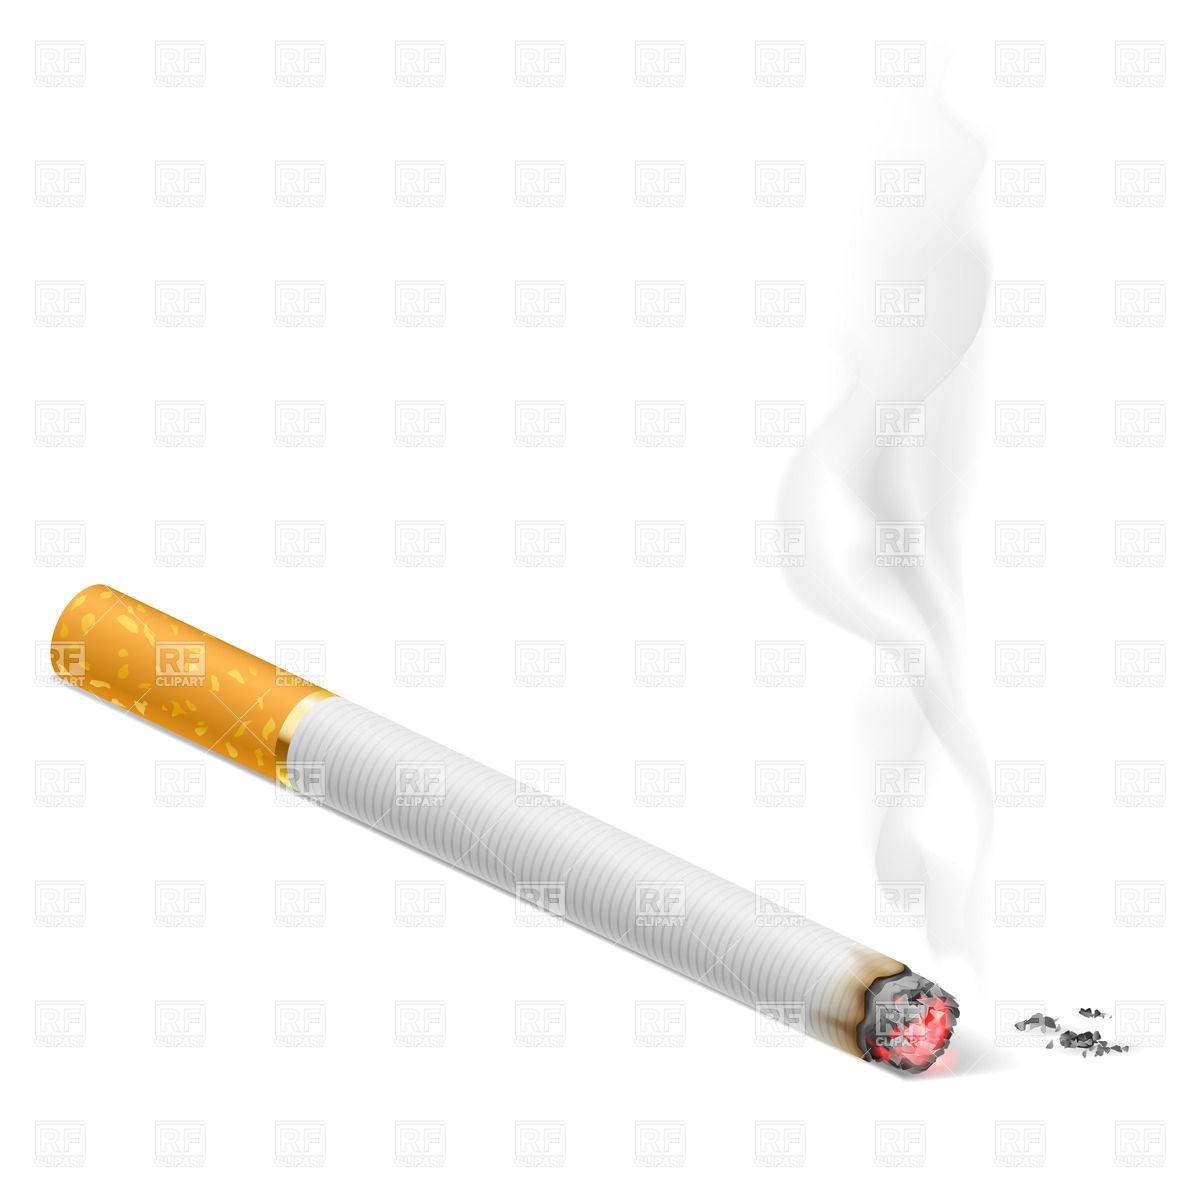 Cigarette smoke clipart.